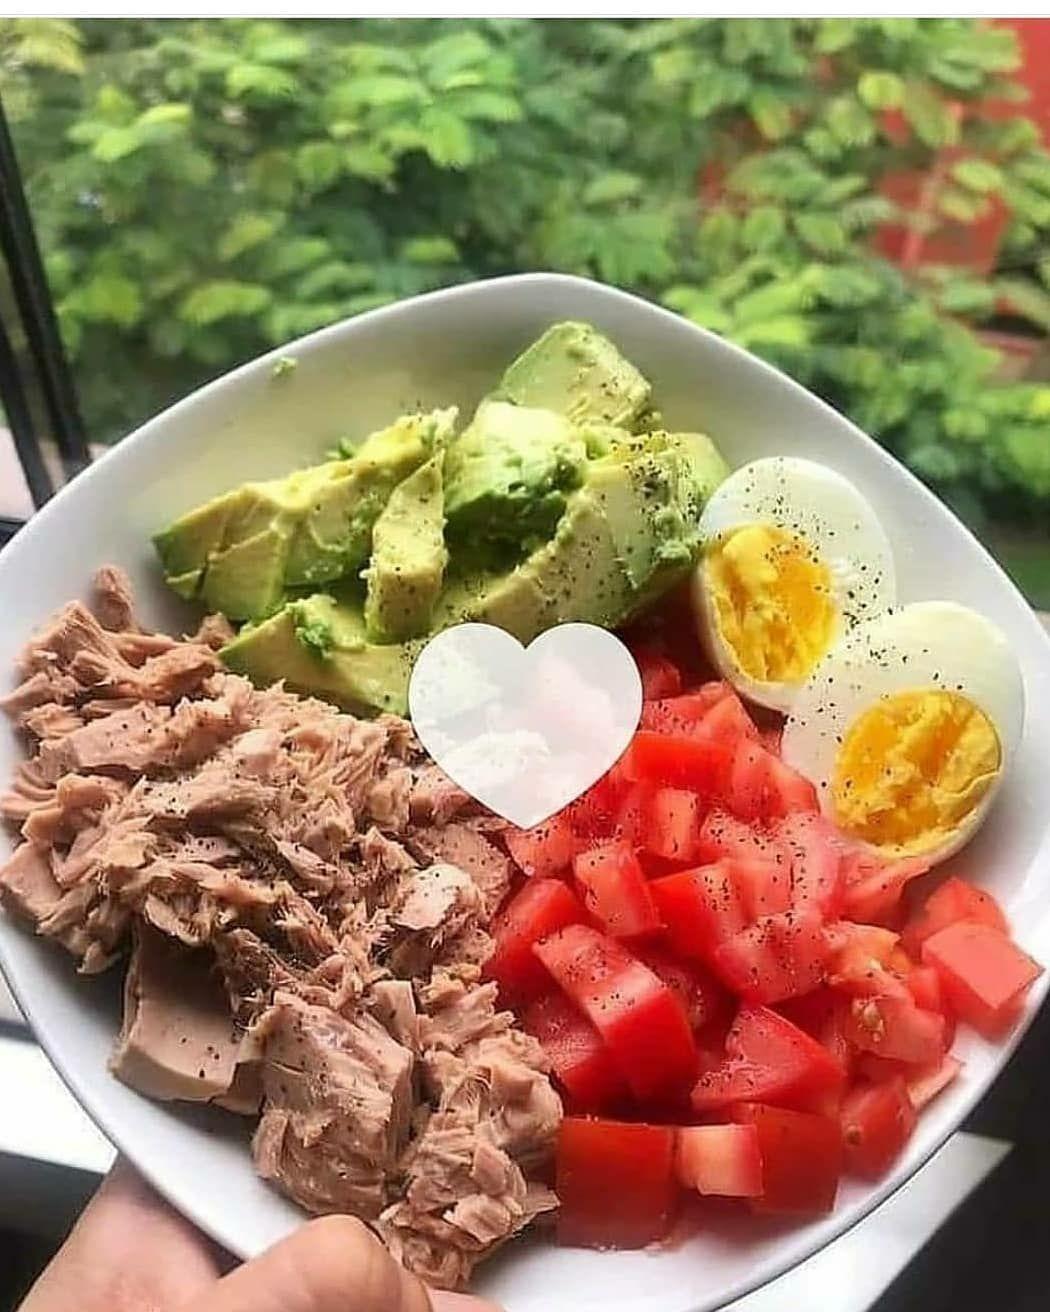 3 791 Me Gusta 68 Comentarios Recetas Sanas Fits Recetassanasfits En Instagram Comida Saludable Almuerzos Saludables Resetas De Comida Saludable